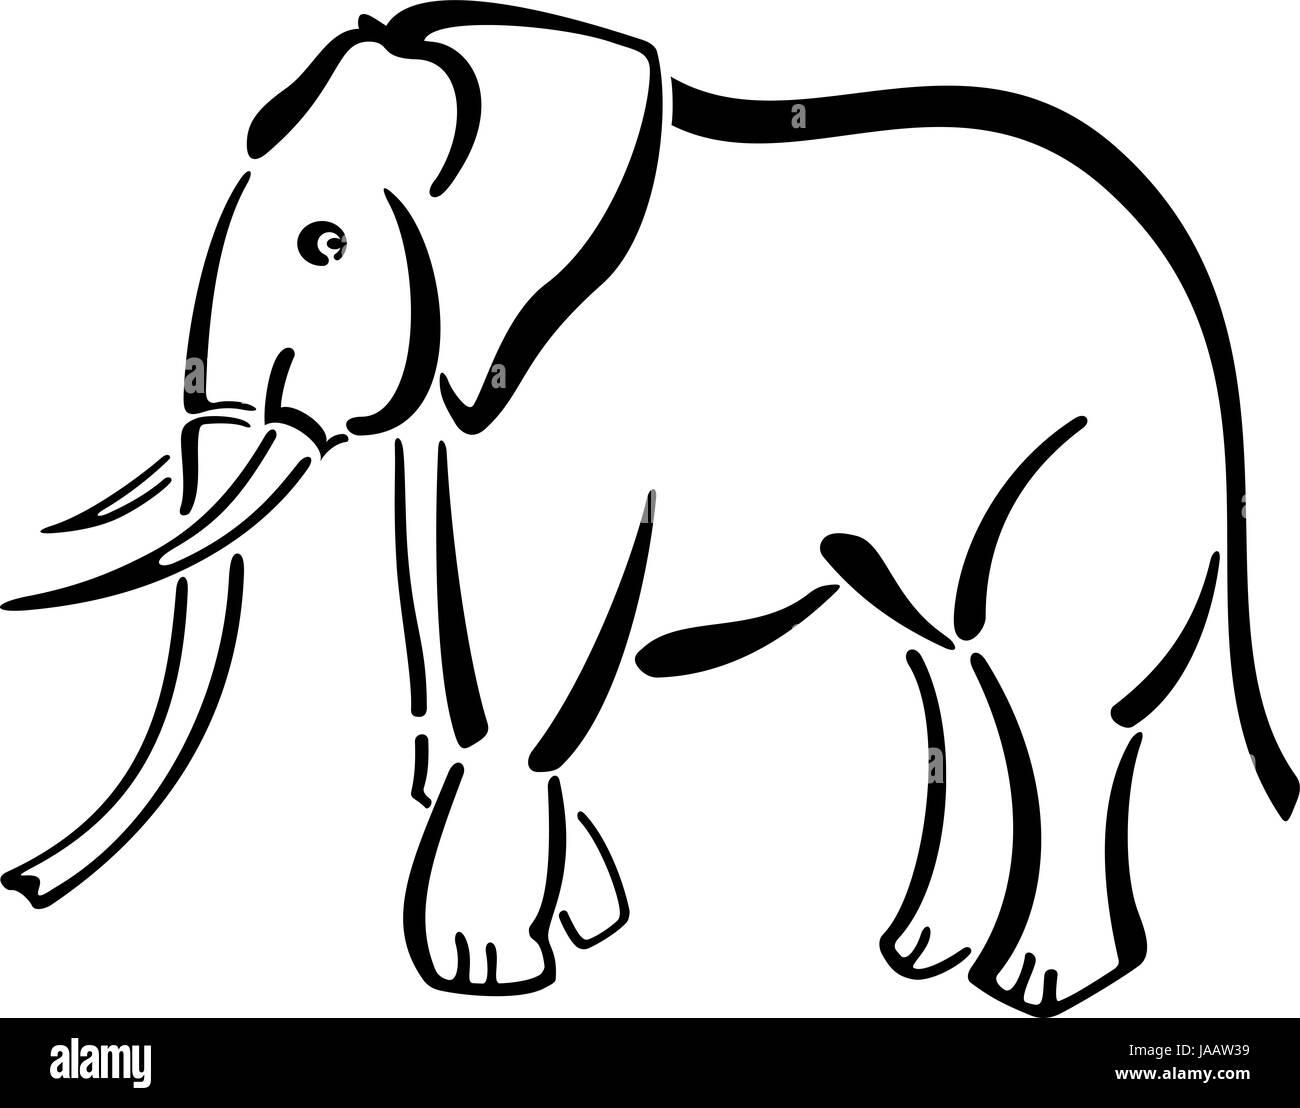 Schwarz Weiß Cartoon Stil Elefant Stockfoto Bild 144068717 Alamy